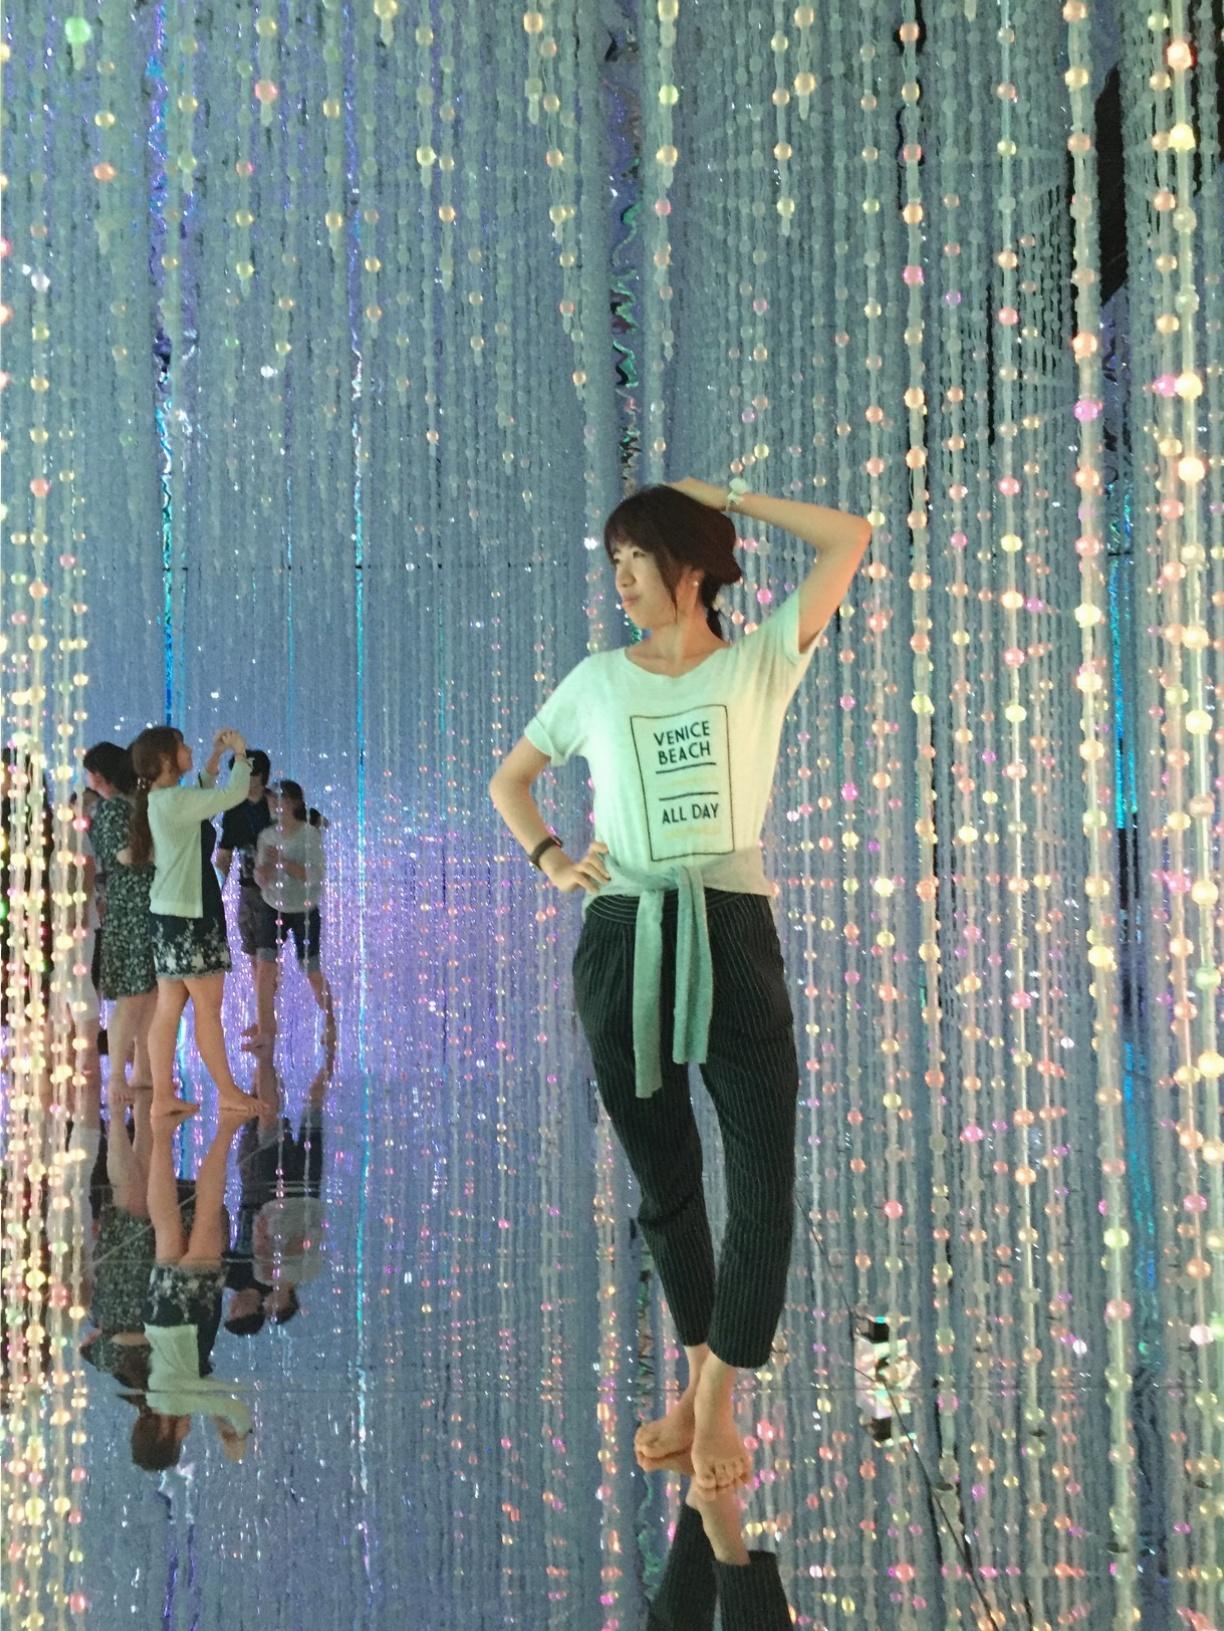 【夏のお出掛けスポット/DMM.プラネッツ Art by teamLab】水に浸かったり仰向けになったりして鑑賞する『デジタルアート』が幻想的✨8/31まで!お台場に急げ♩≪samenyan≫_10